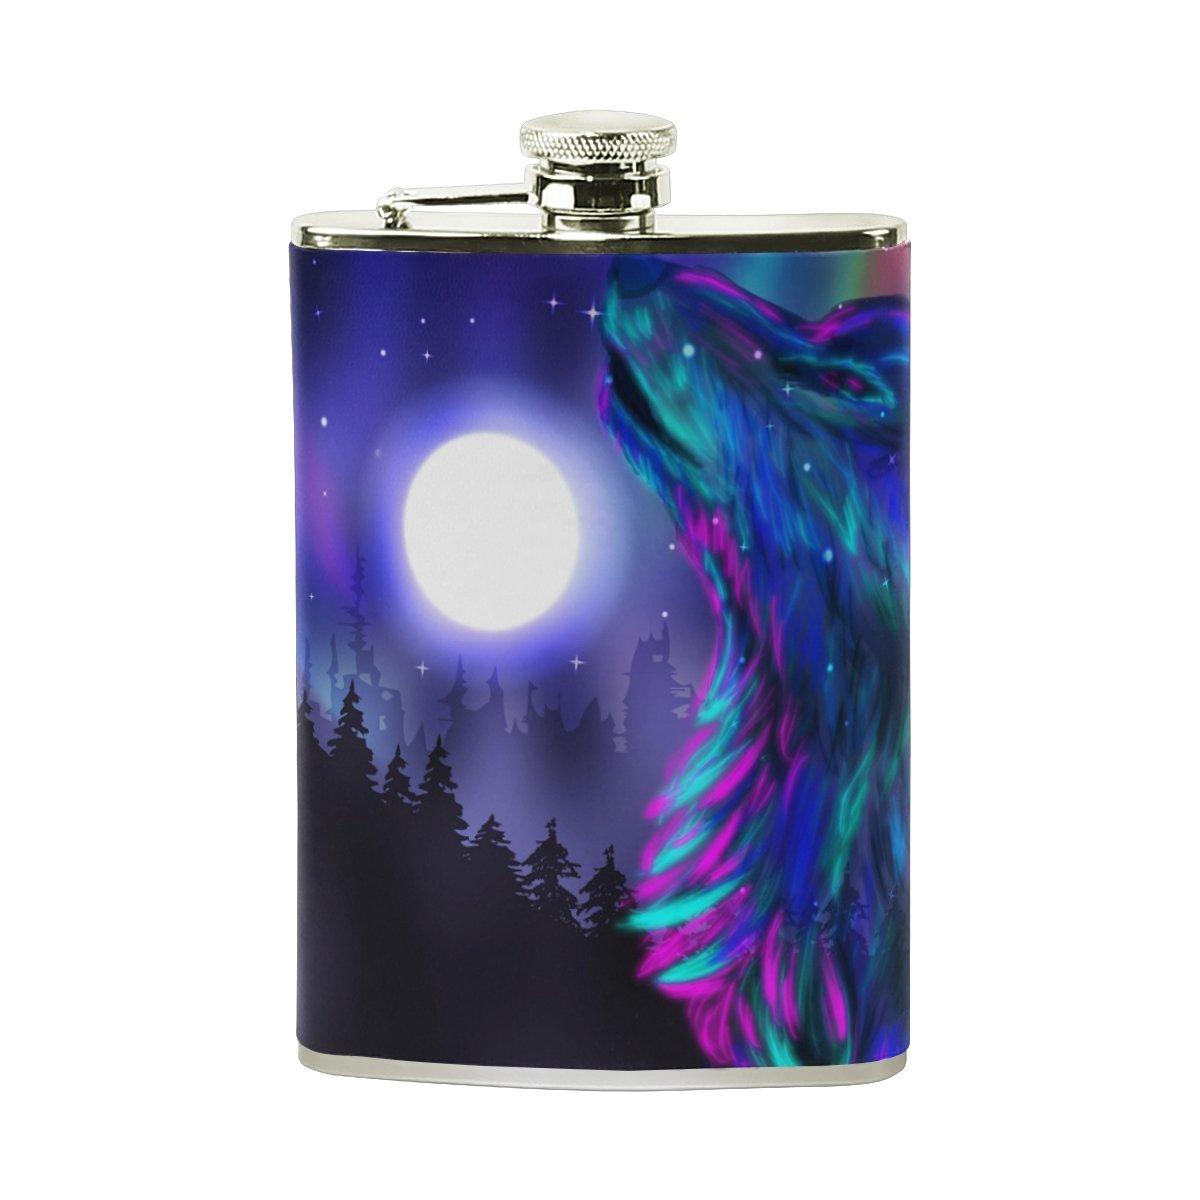 正規品販売! giovanior Cool Cool Howling Wolf Spirit B079C2P332 Moonight印刷Flasks漏れ防止ステンレススチールwith Leather WrappedカバーLiquorヒップフラスコ、8オンス Wolf B079C2P332, ピカイチ家具:142aa38e --- a0267596.xsph.ru